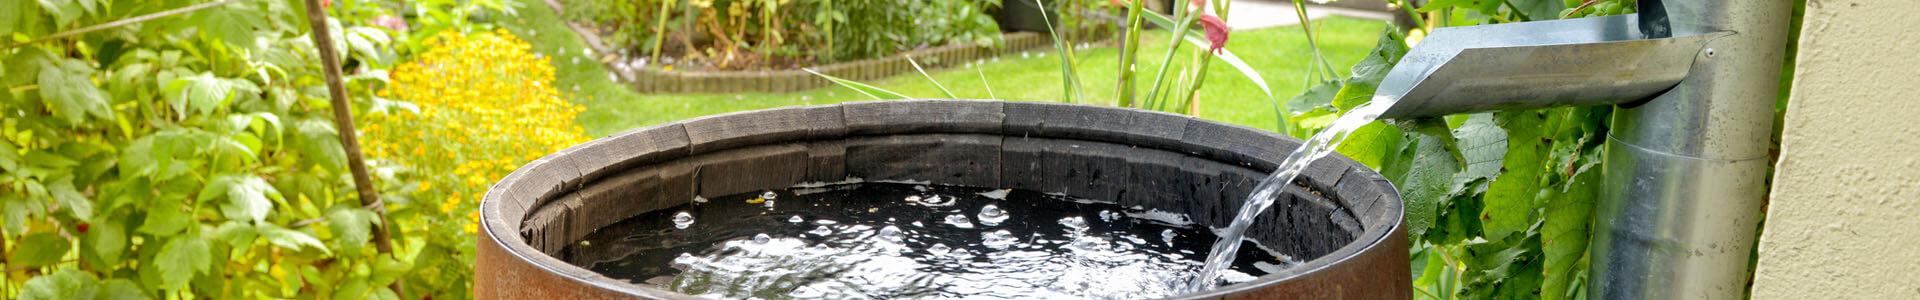 Regentonne fängt Wasser auf